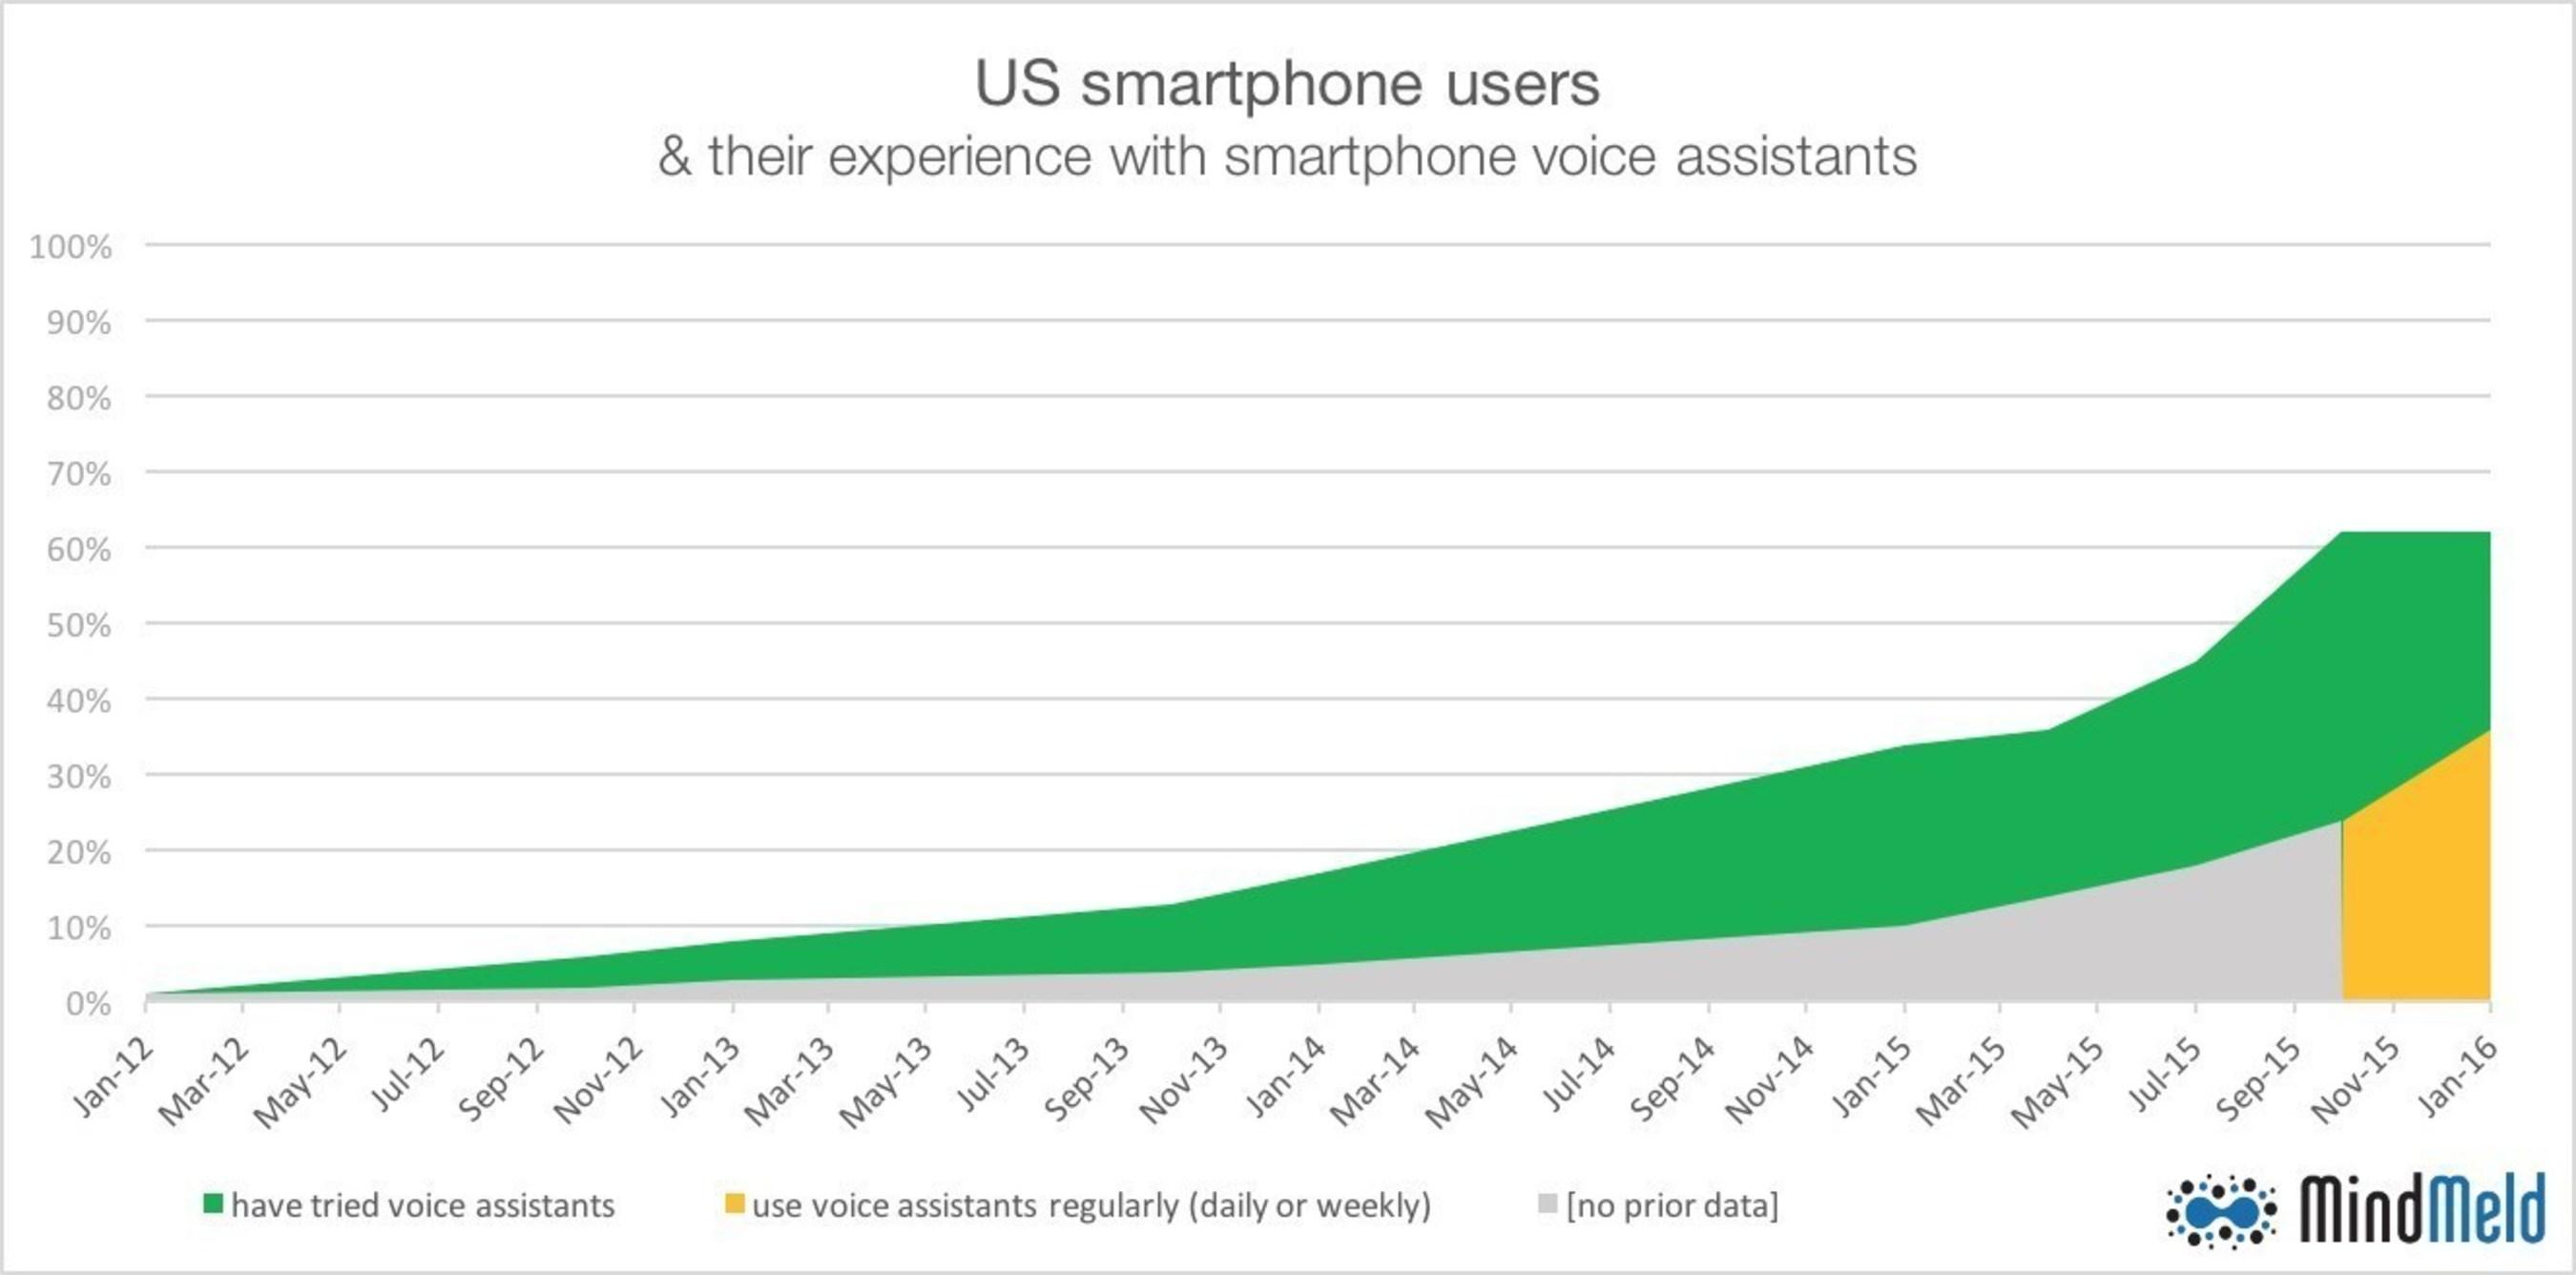 US Voice Assistant Adoption Graph